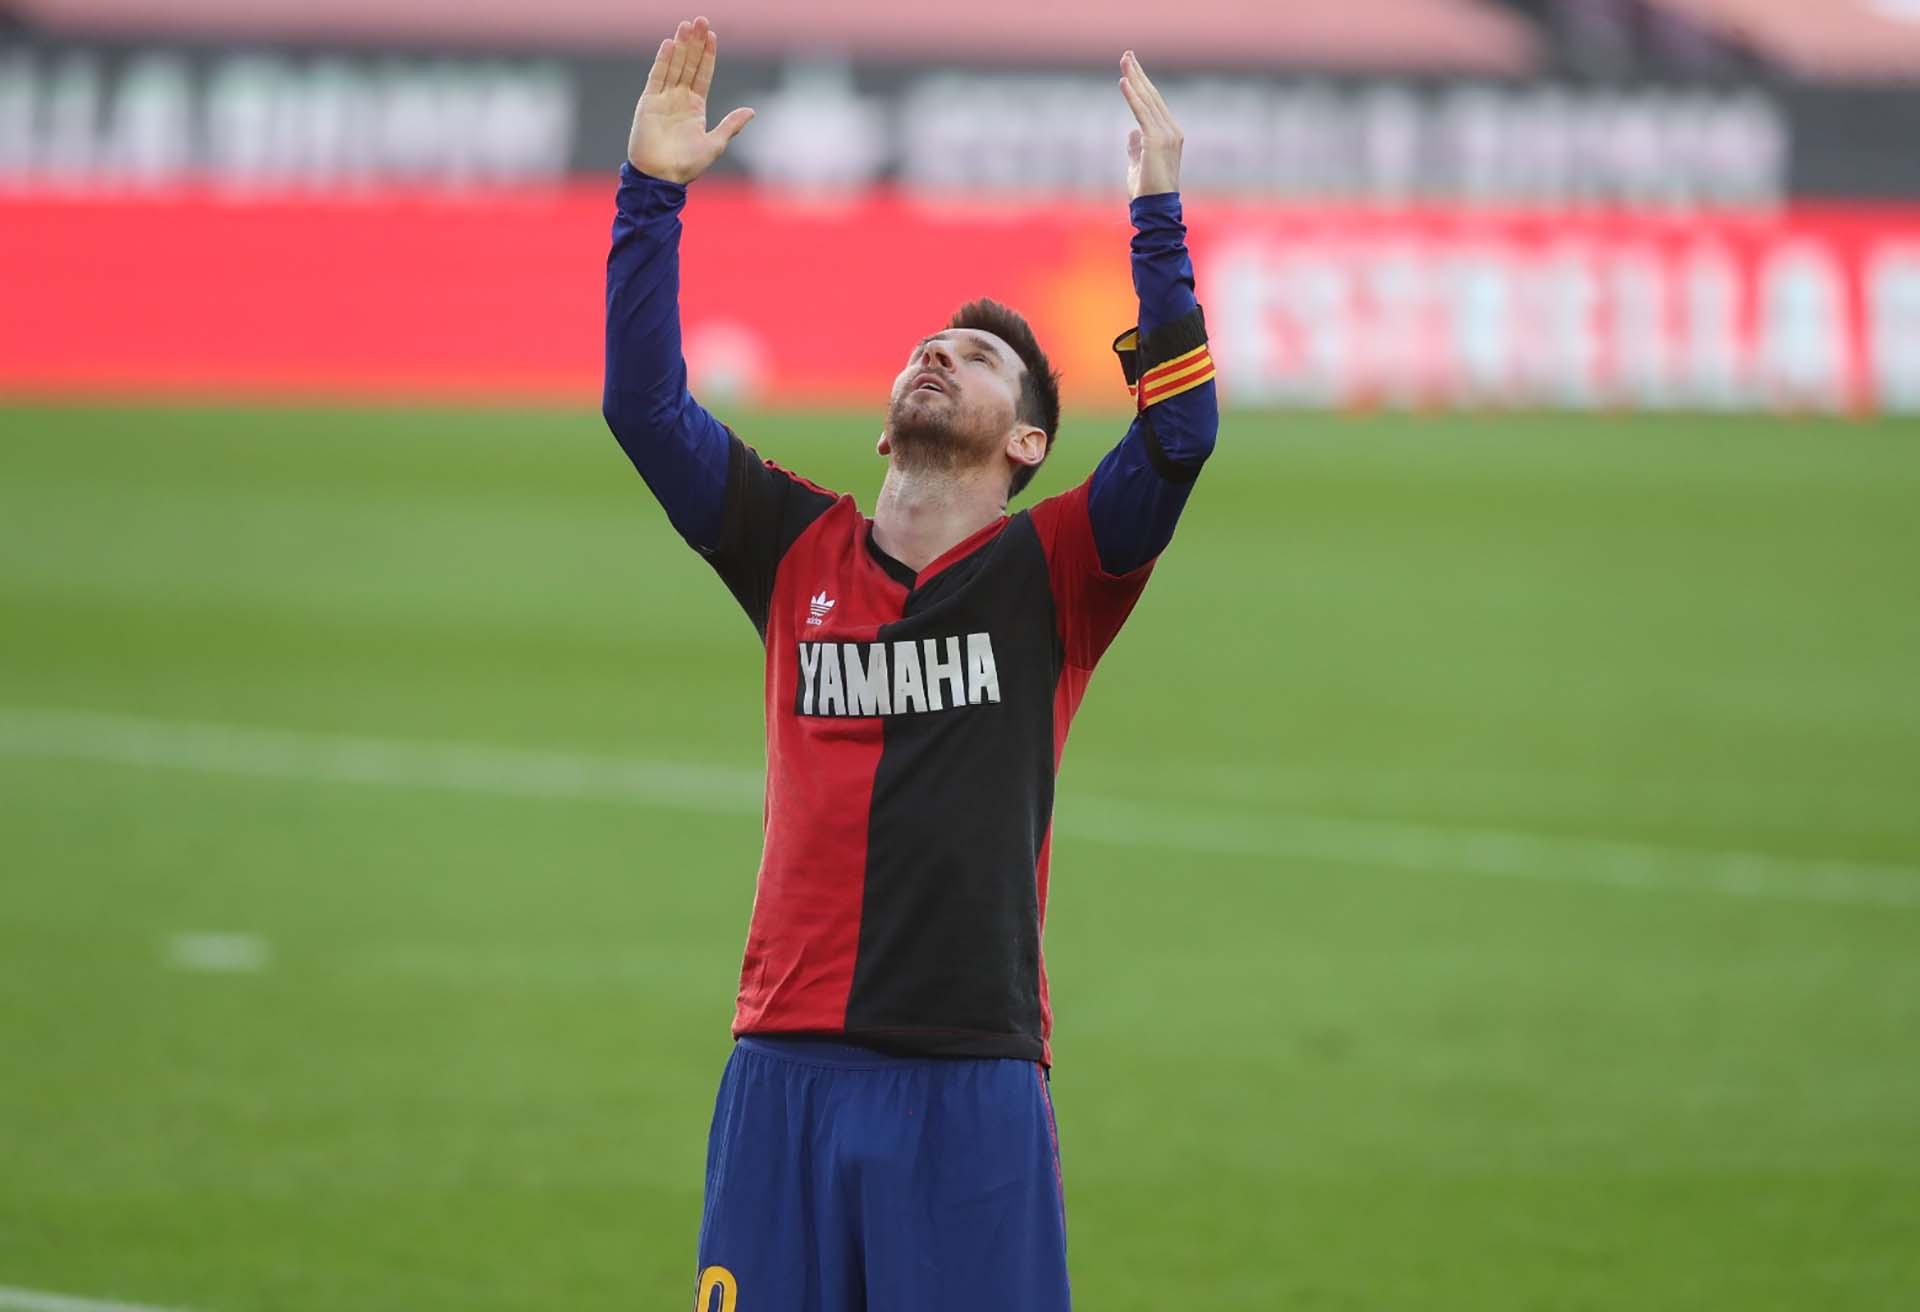 El 29 de noviembre, Lionel Messi brindó un emotivo tributo al astro argentino al dedicarle un gol en el triunfo de Barcelona sobre Osasuna por la undécima fecha de La Liga de España, donde mostró la camiseta